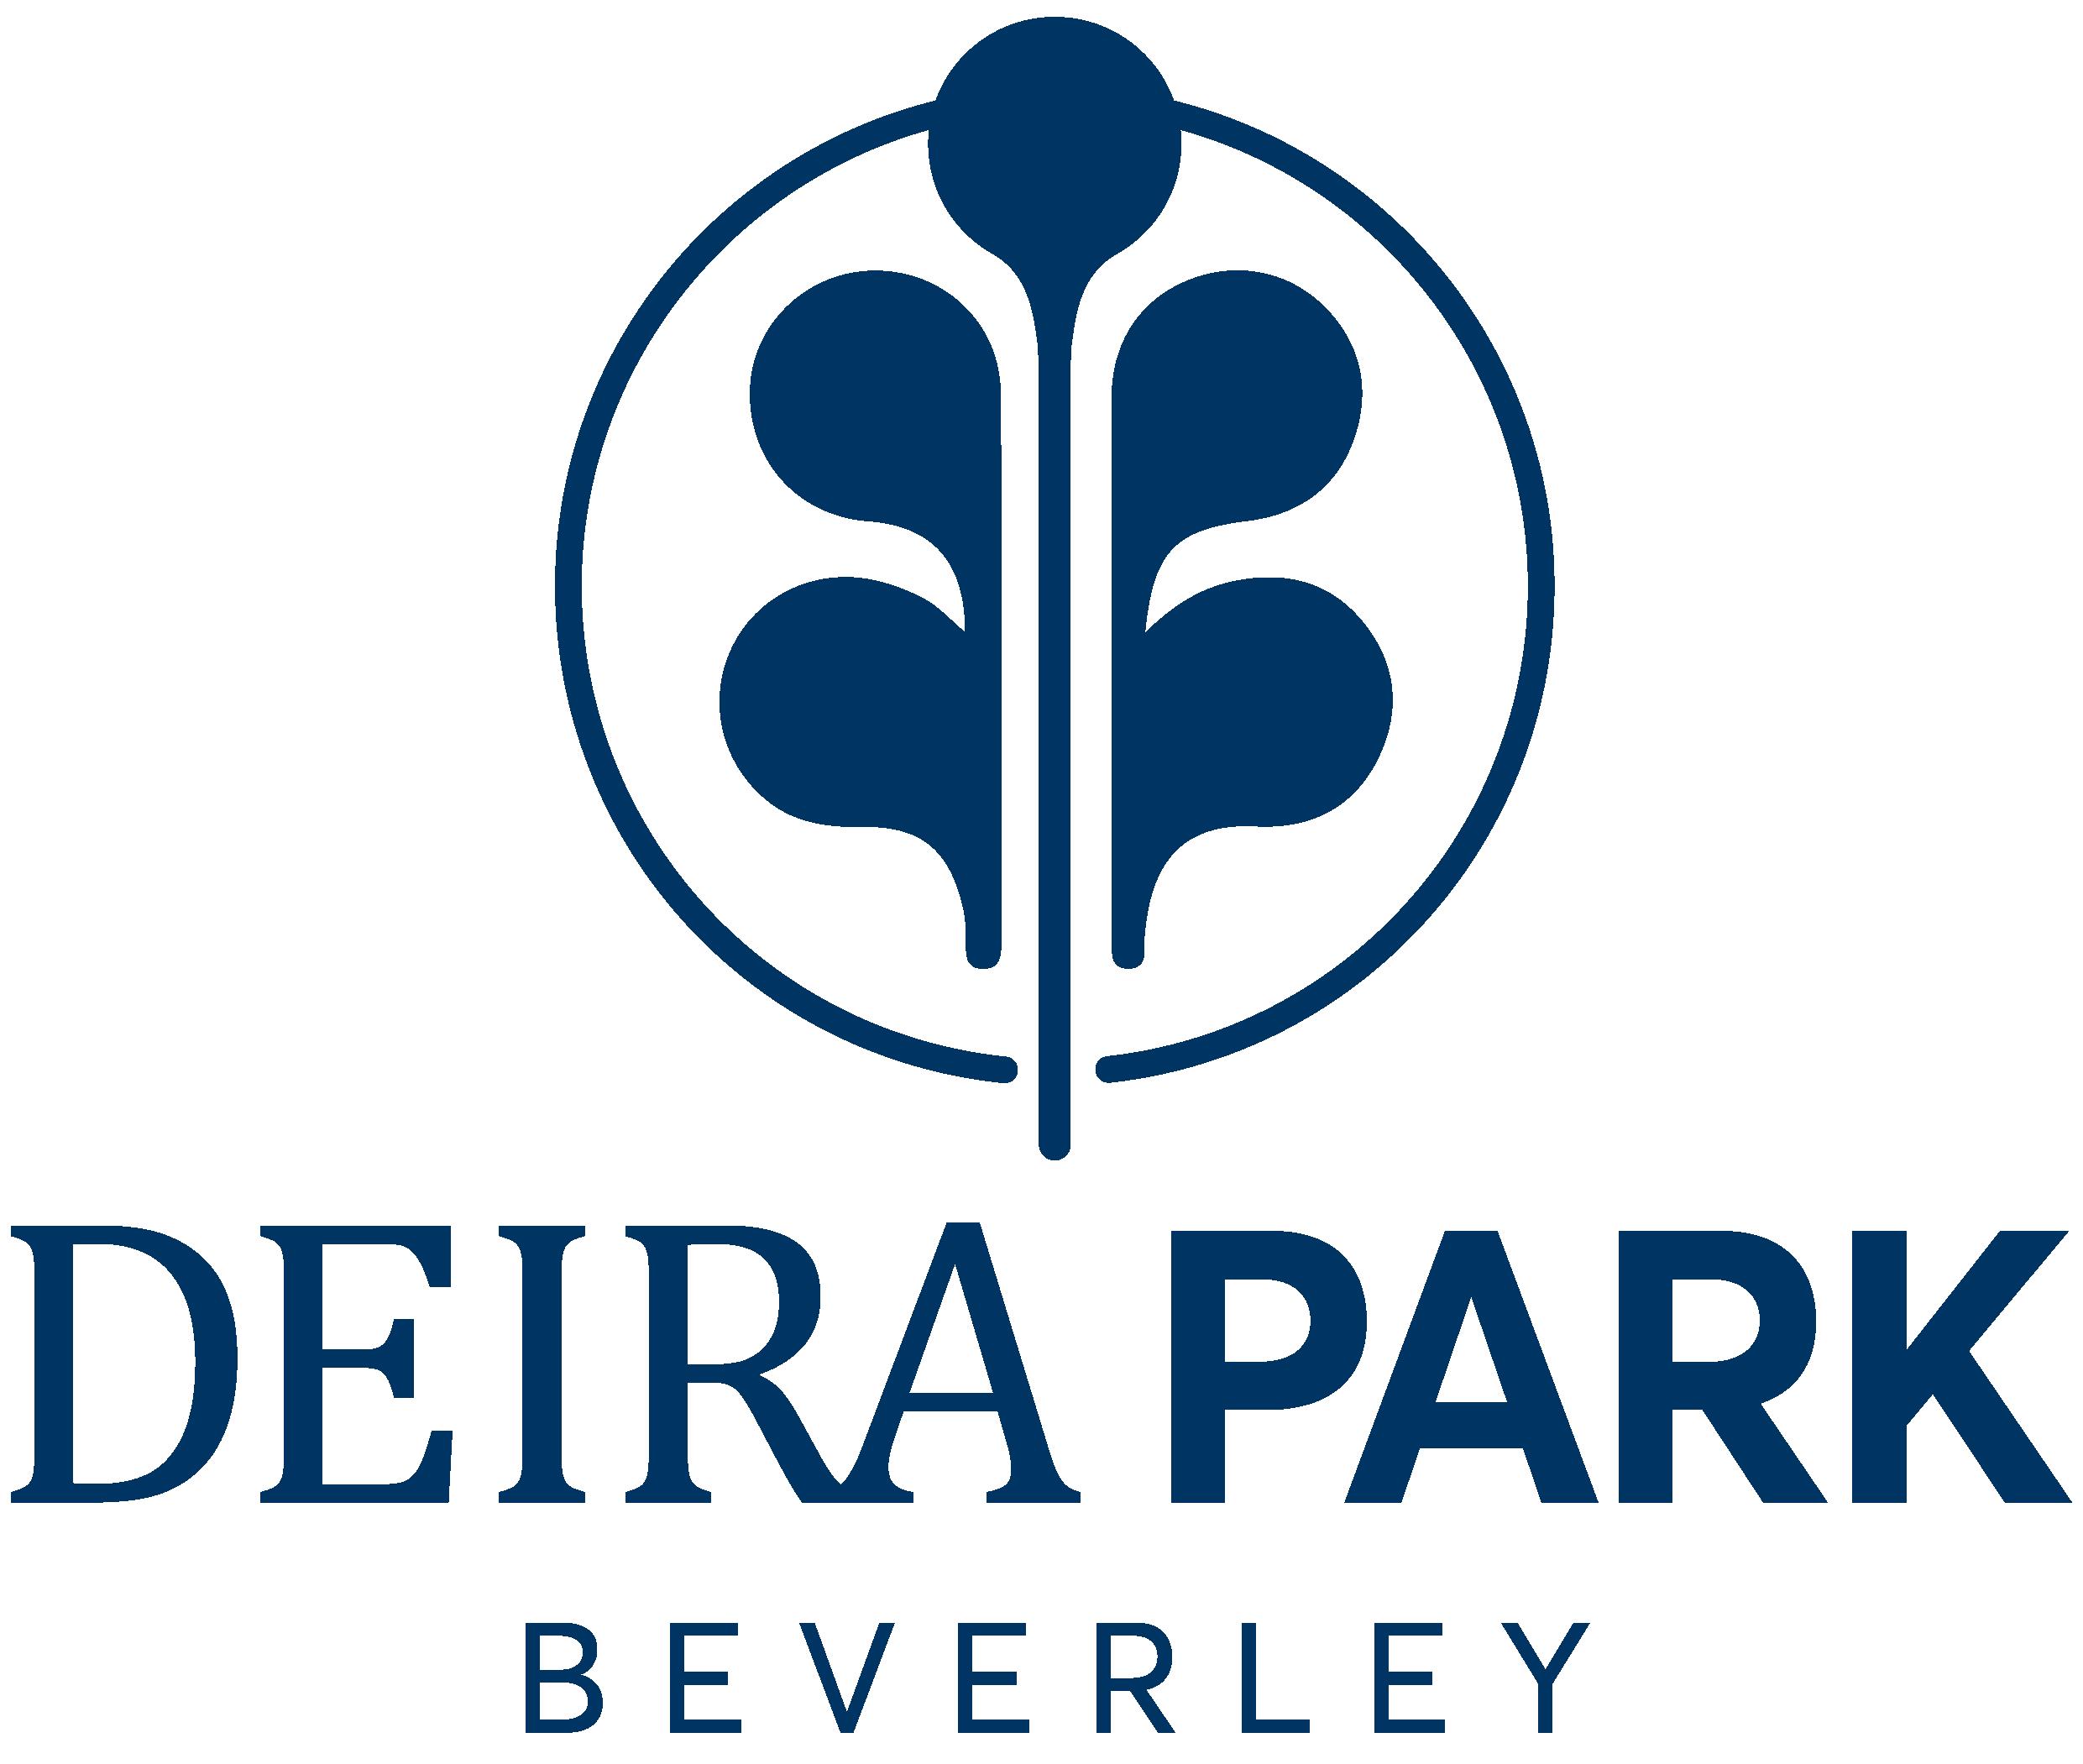 The History of Deira Park